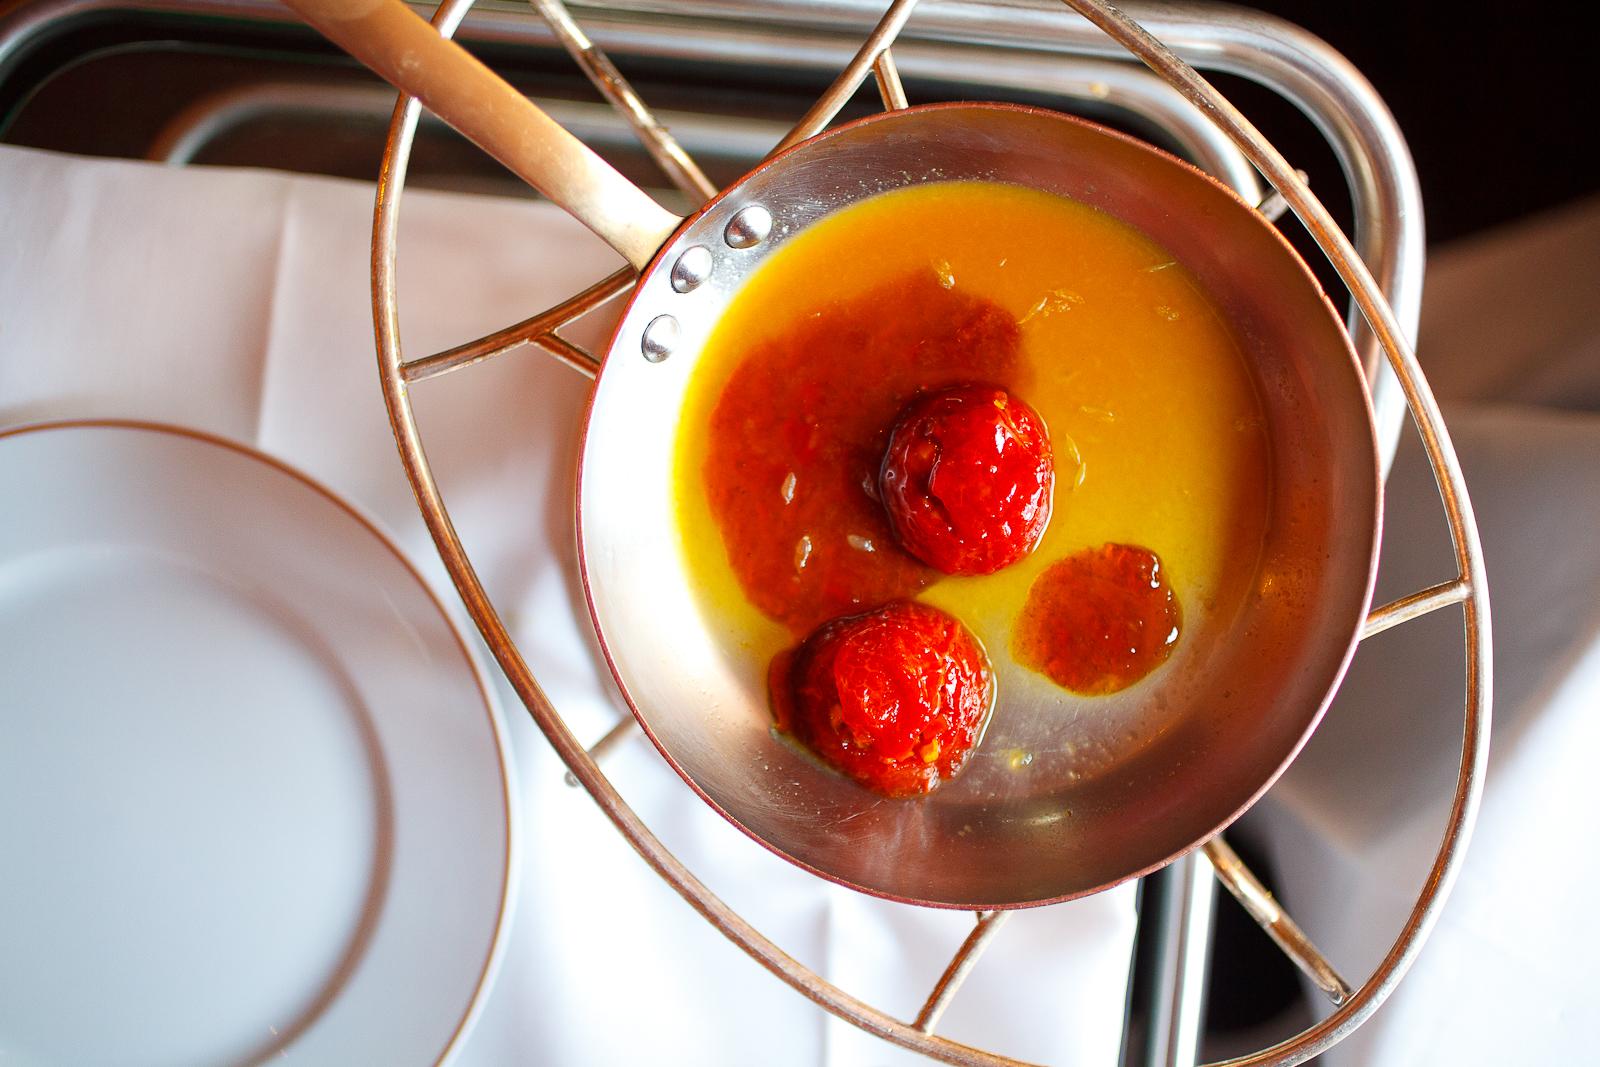 Caramelized tomatoes